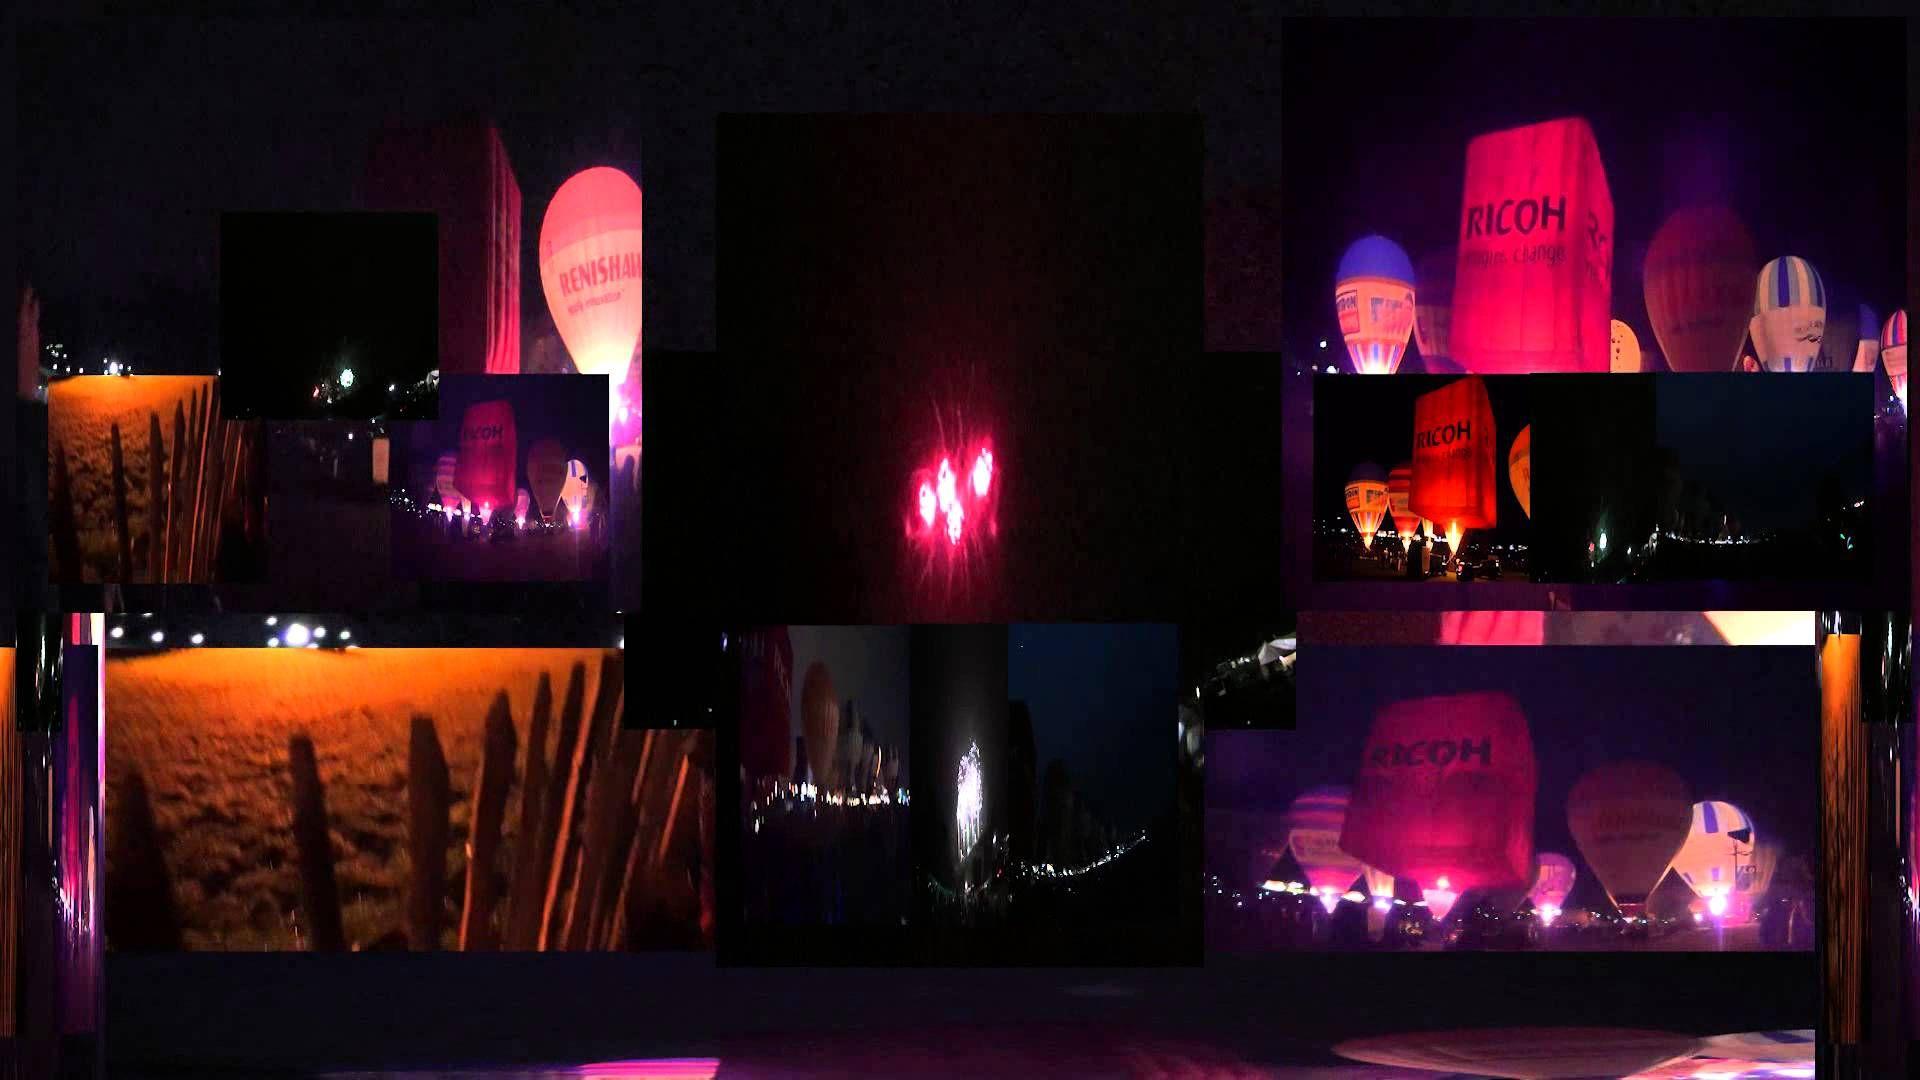 avant garde lighting. Stage · Light The Balloons StagingBalloonsAvant GardeLightingVideosRole Avant Garde Lighting 0